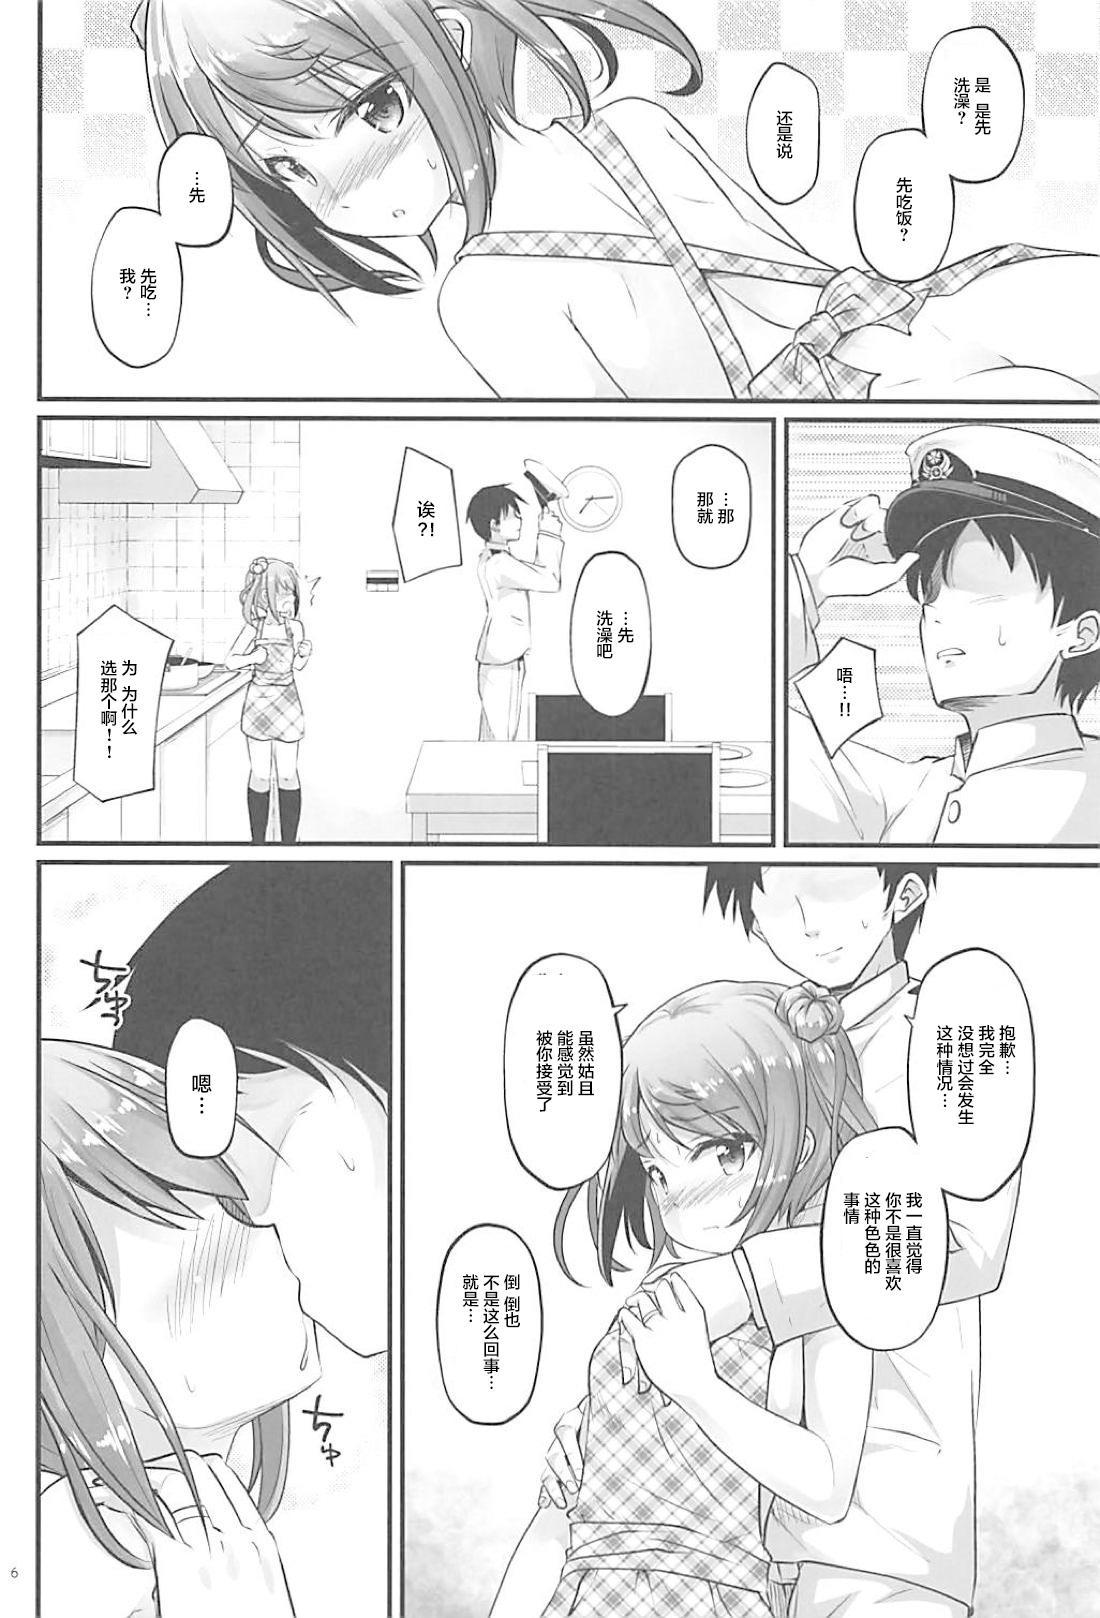 Haruiro Komichi 4